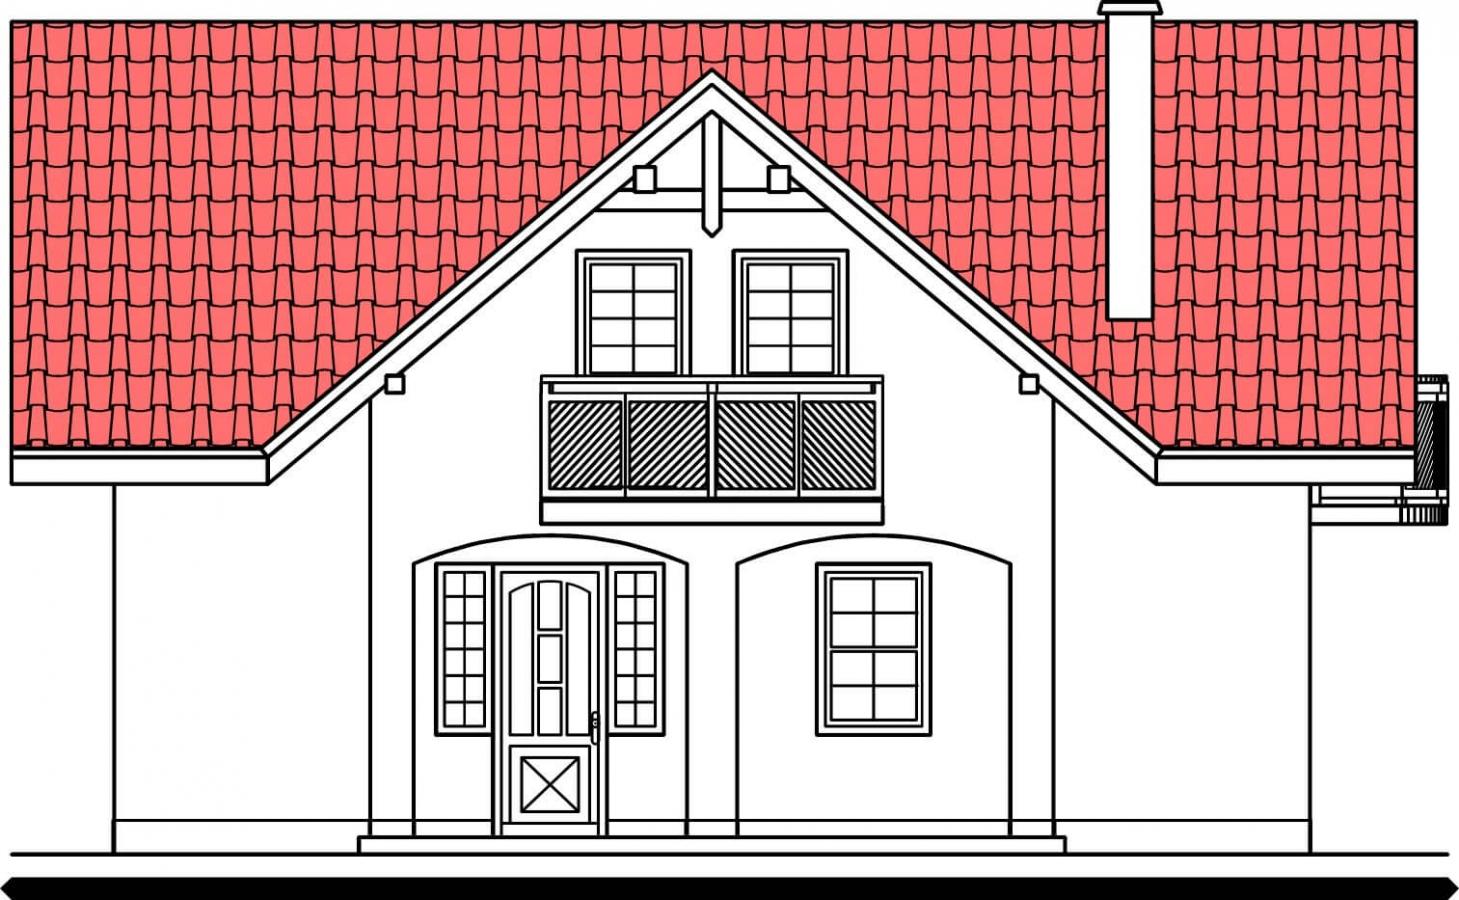 Pohľad 1. - Poschodový 4-izbový dom.